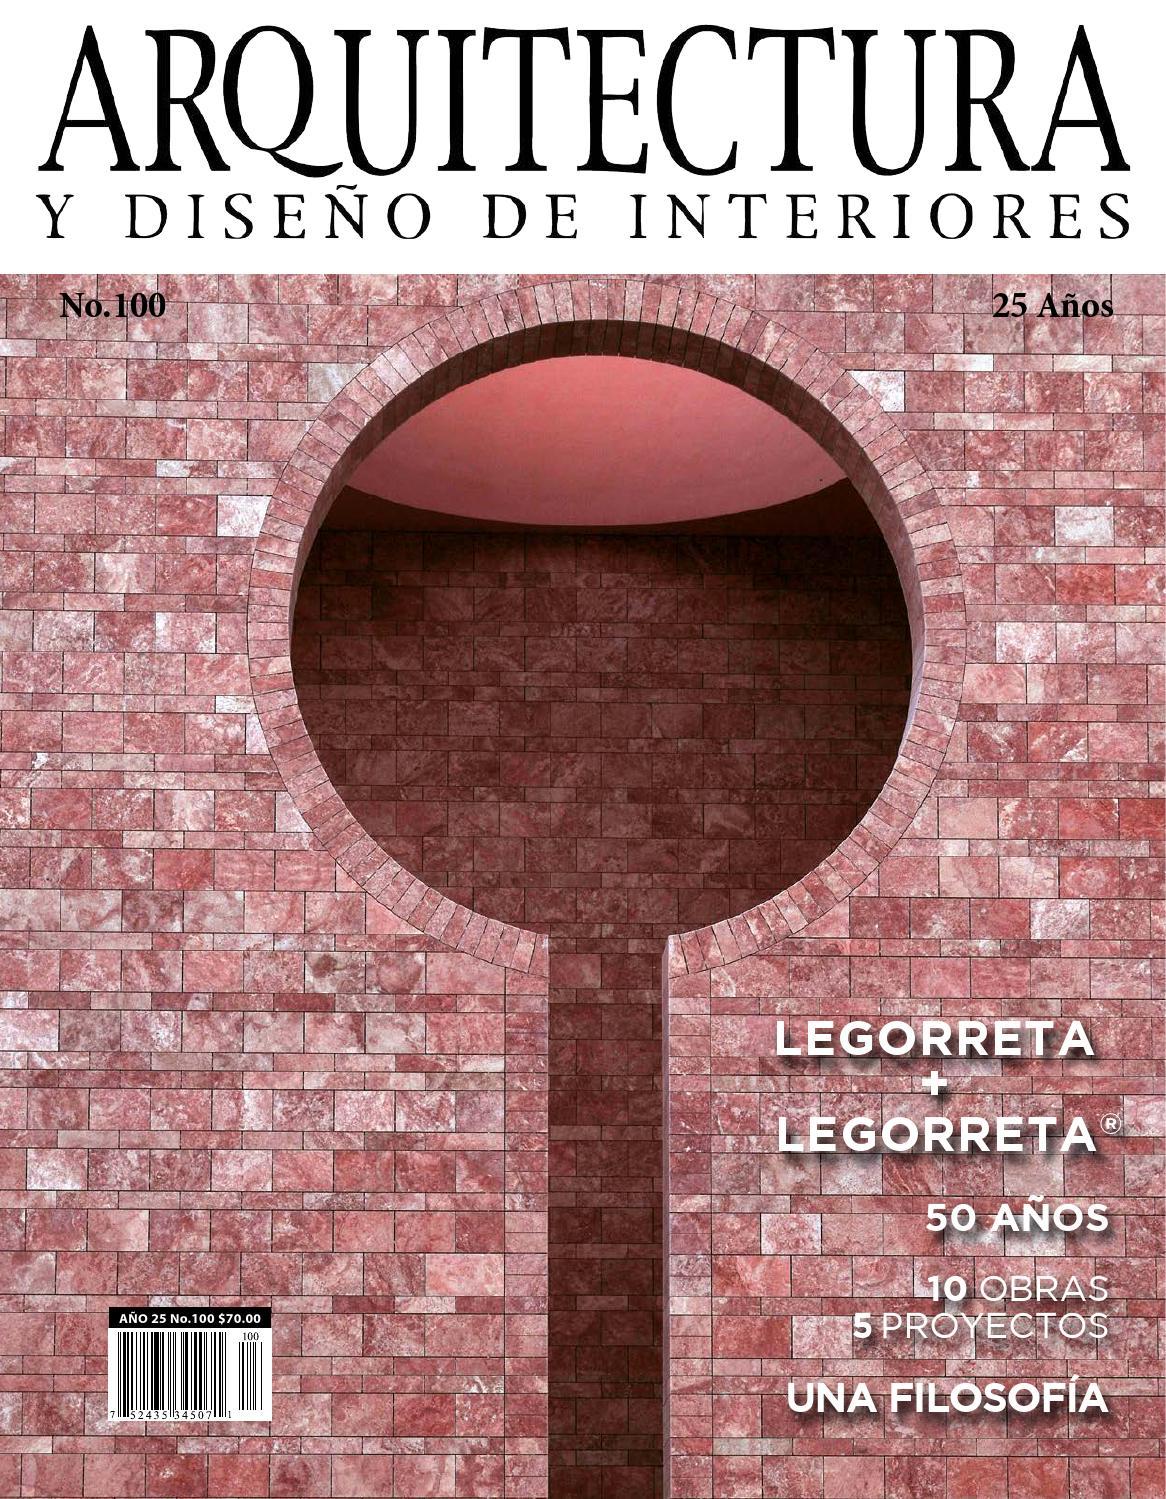 Arquitectura y dise o de interiores 100 by arquitectura y for Paginas de arquitectura y diseno de interiores